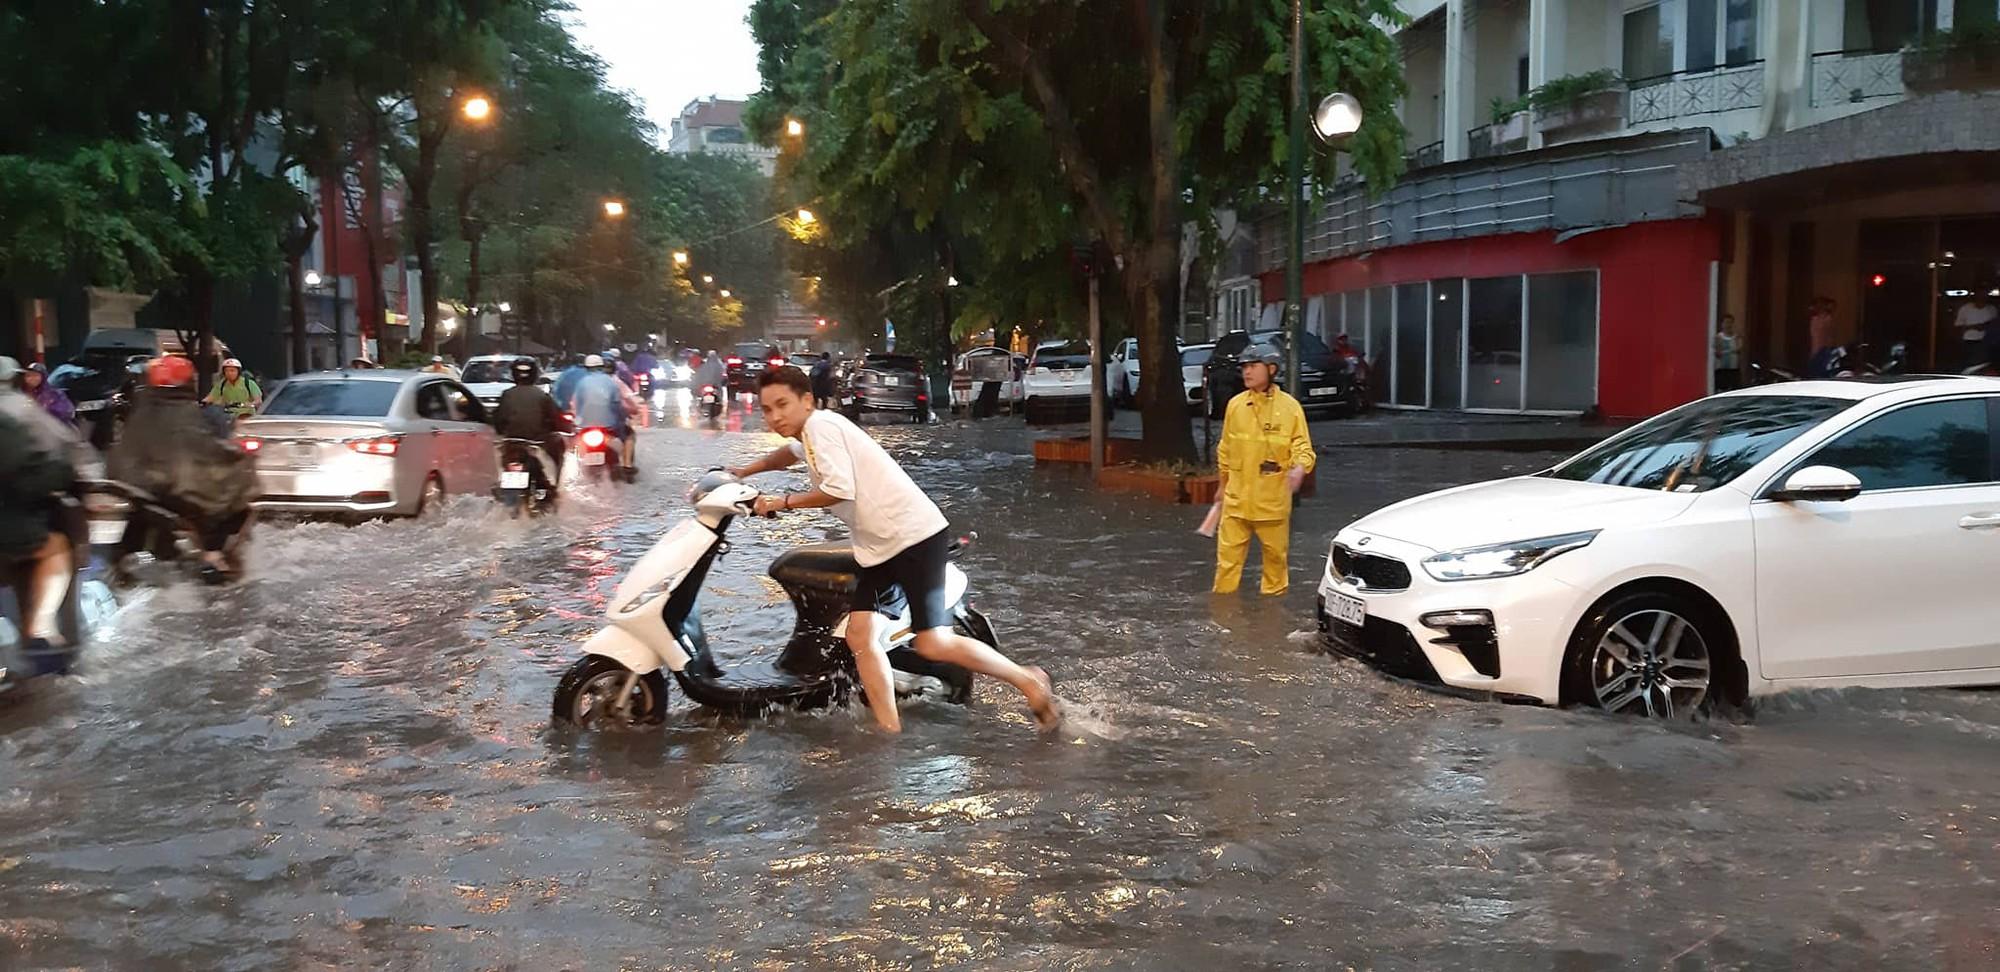 Hà Nội: Mưa lớn bất chật, nhiều tuyến phố ngập sâu trong nước3